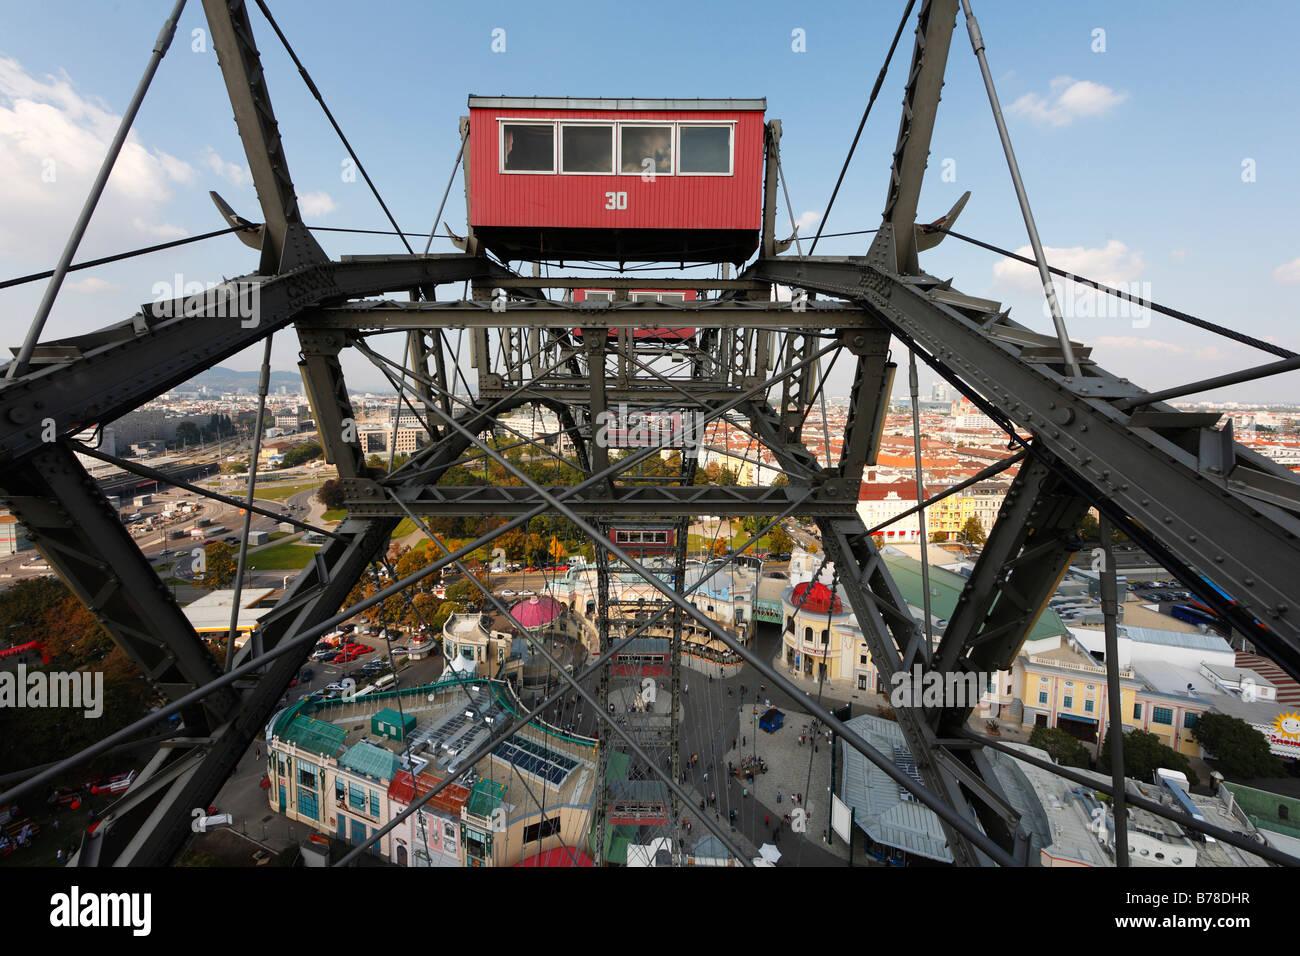 Giant wheel at Prater, Vienna, Austria, Europe Stock Photo